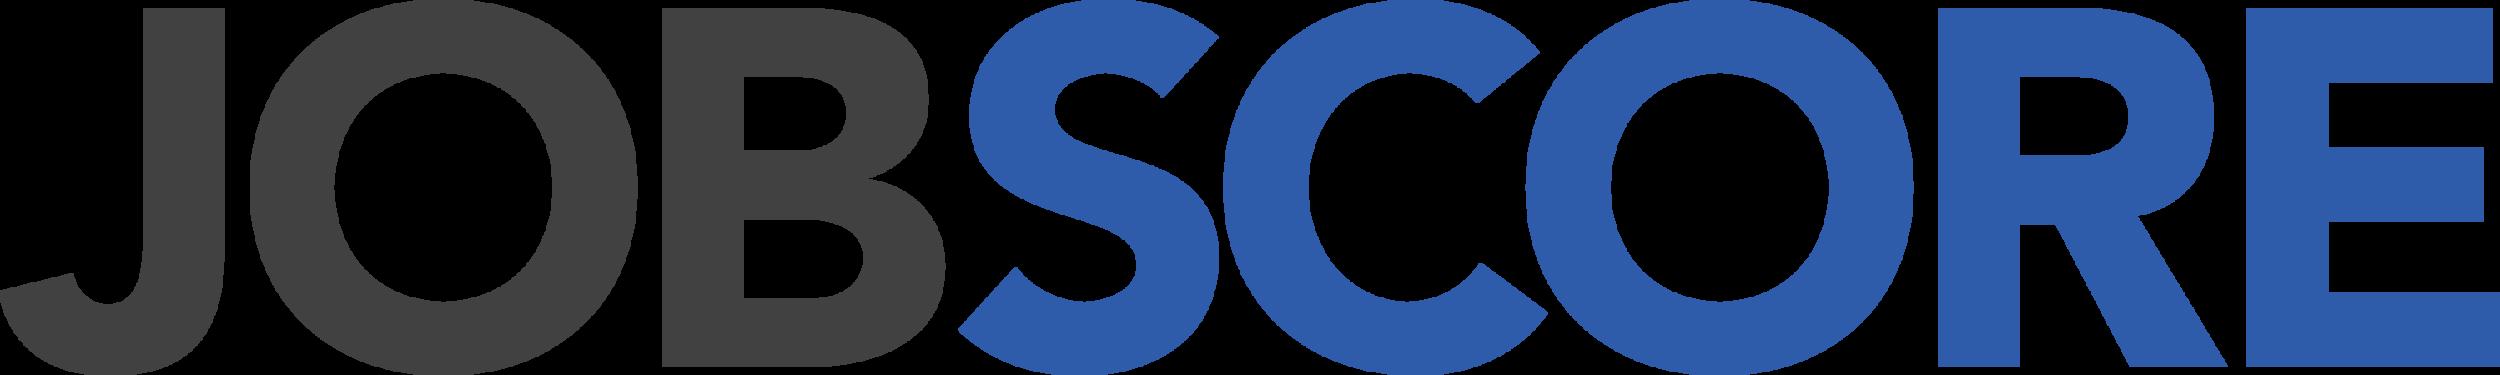 JobScore_logo.png